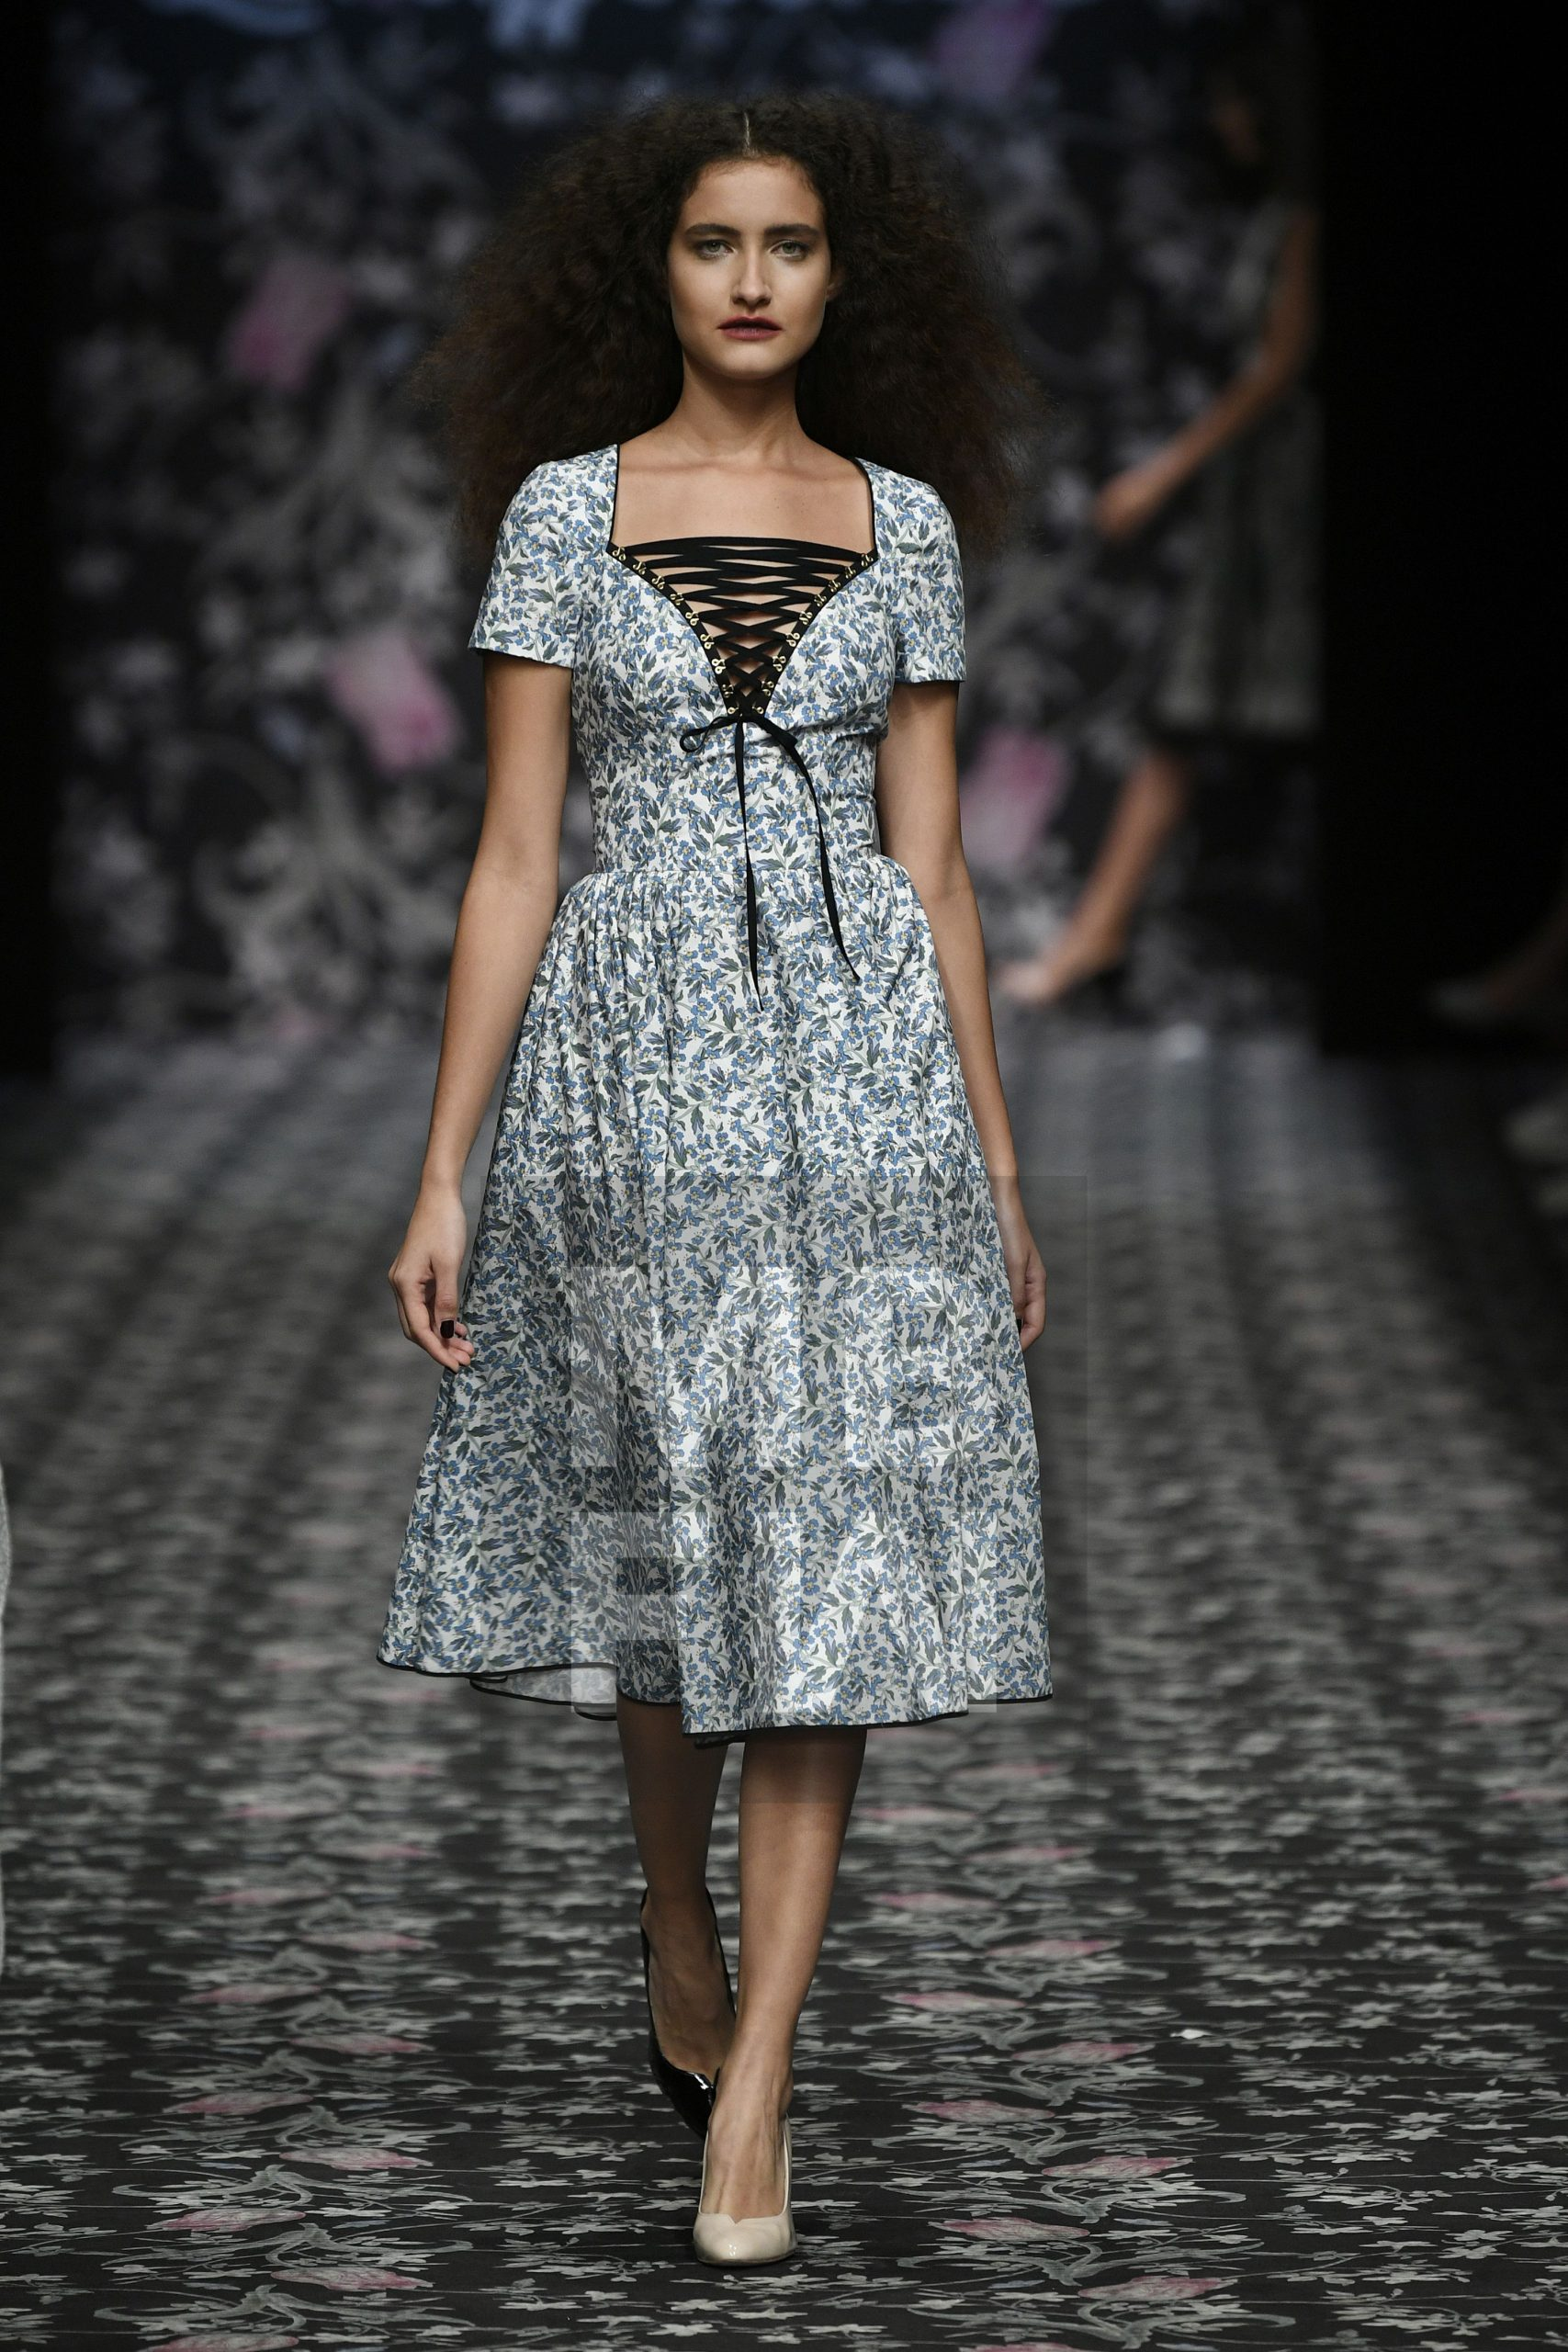 Lena Hoschek  Mbfw  Feminine Mode Mode Wunderschöne